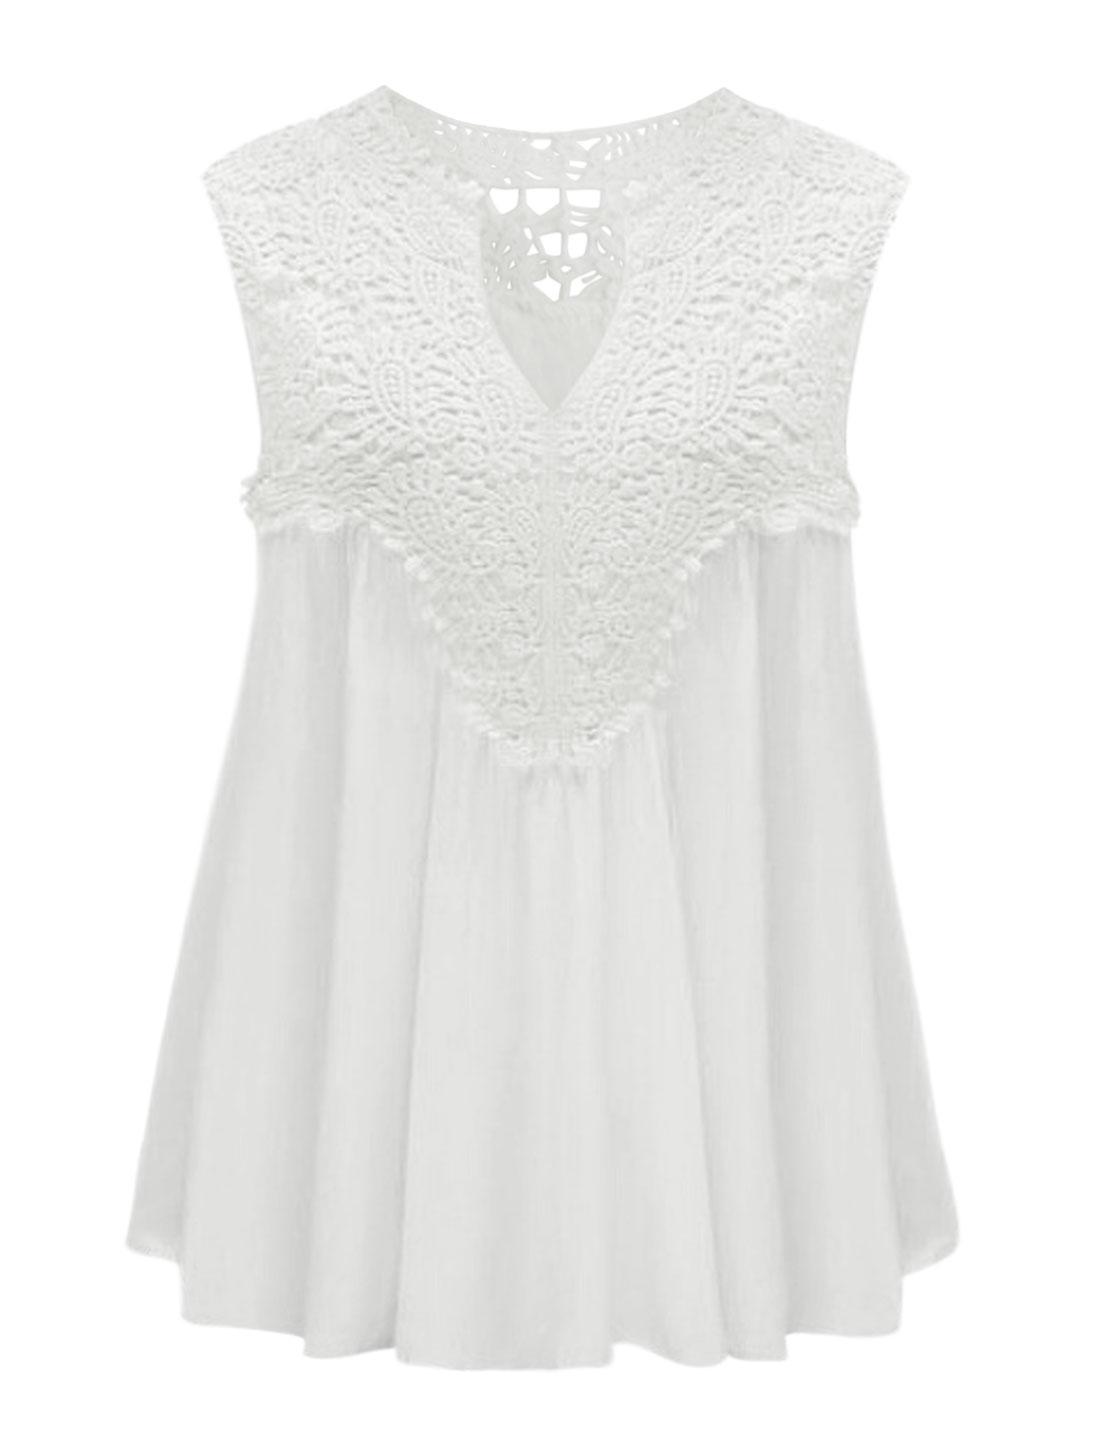 Women Split Neck Crochet Overlay Upper Sleeveless Top White L